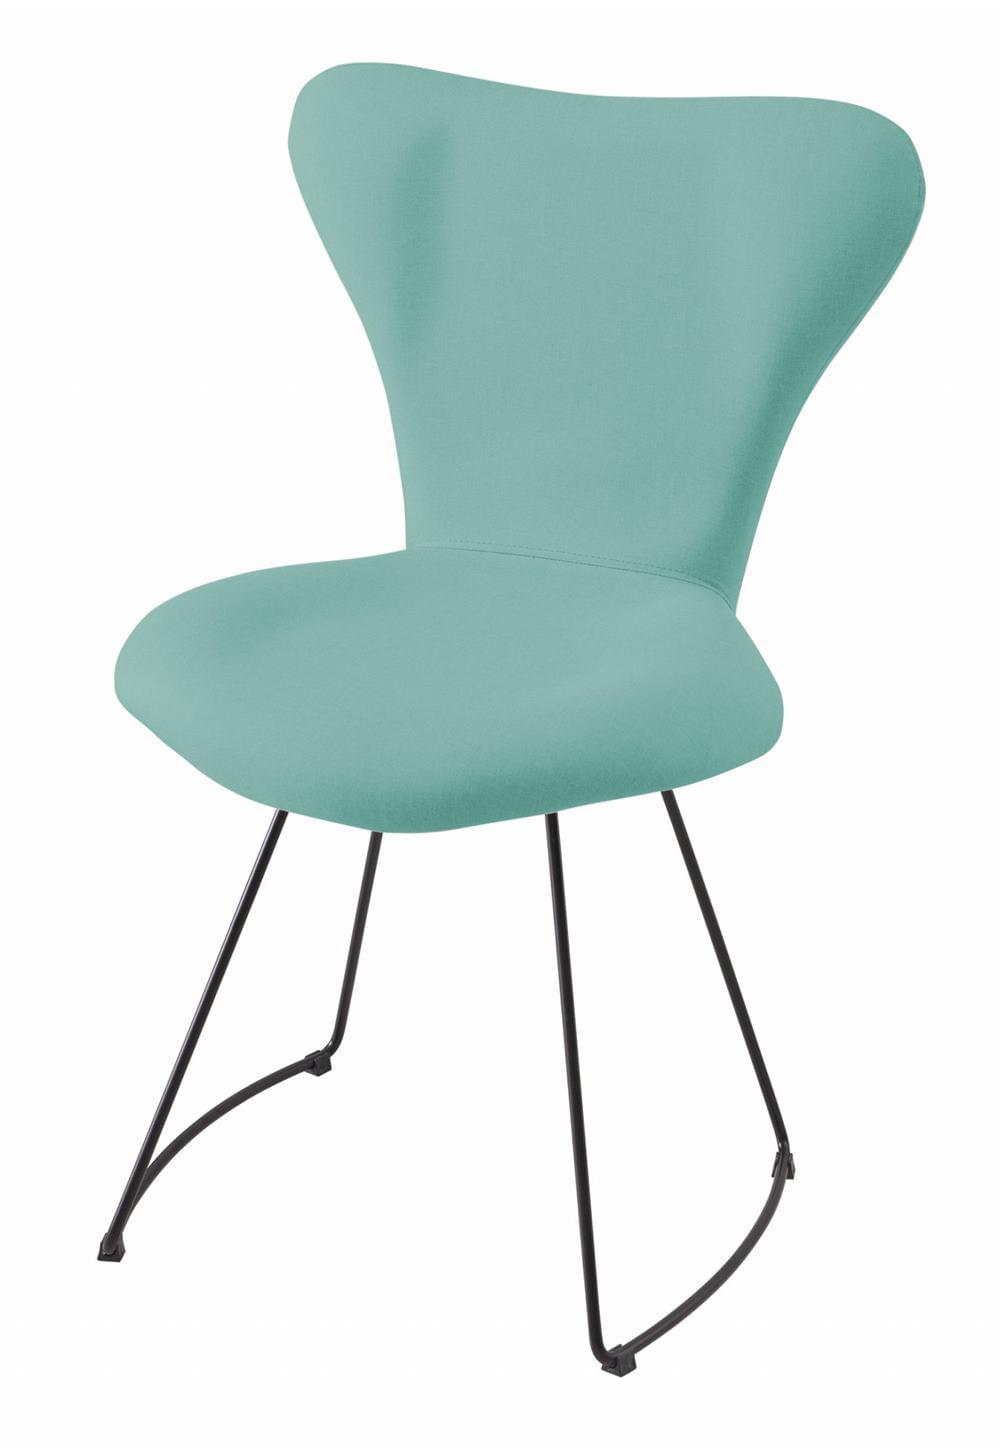 Cadeira Jacobsen Series 7 Verde Claro com Base Curve Preta - 49618